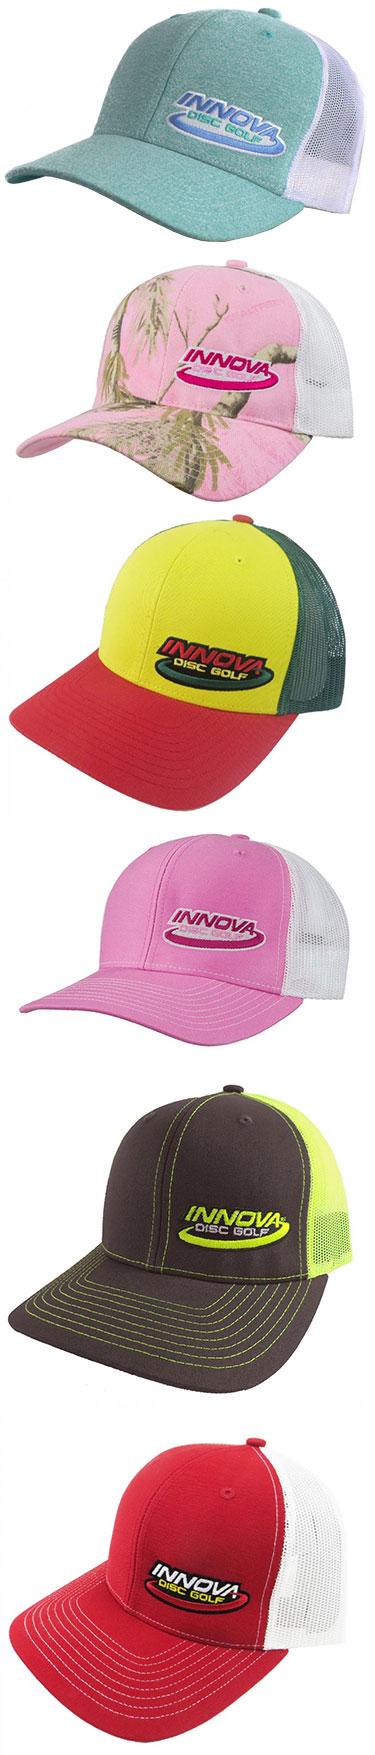 Innova Mesh-Back Hat